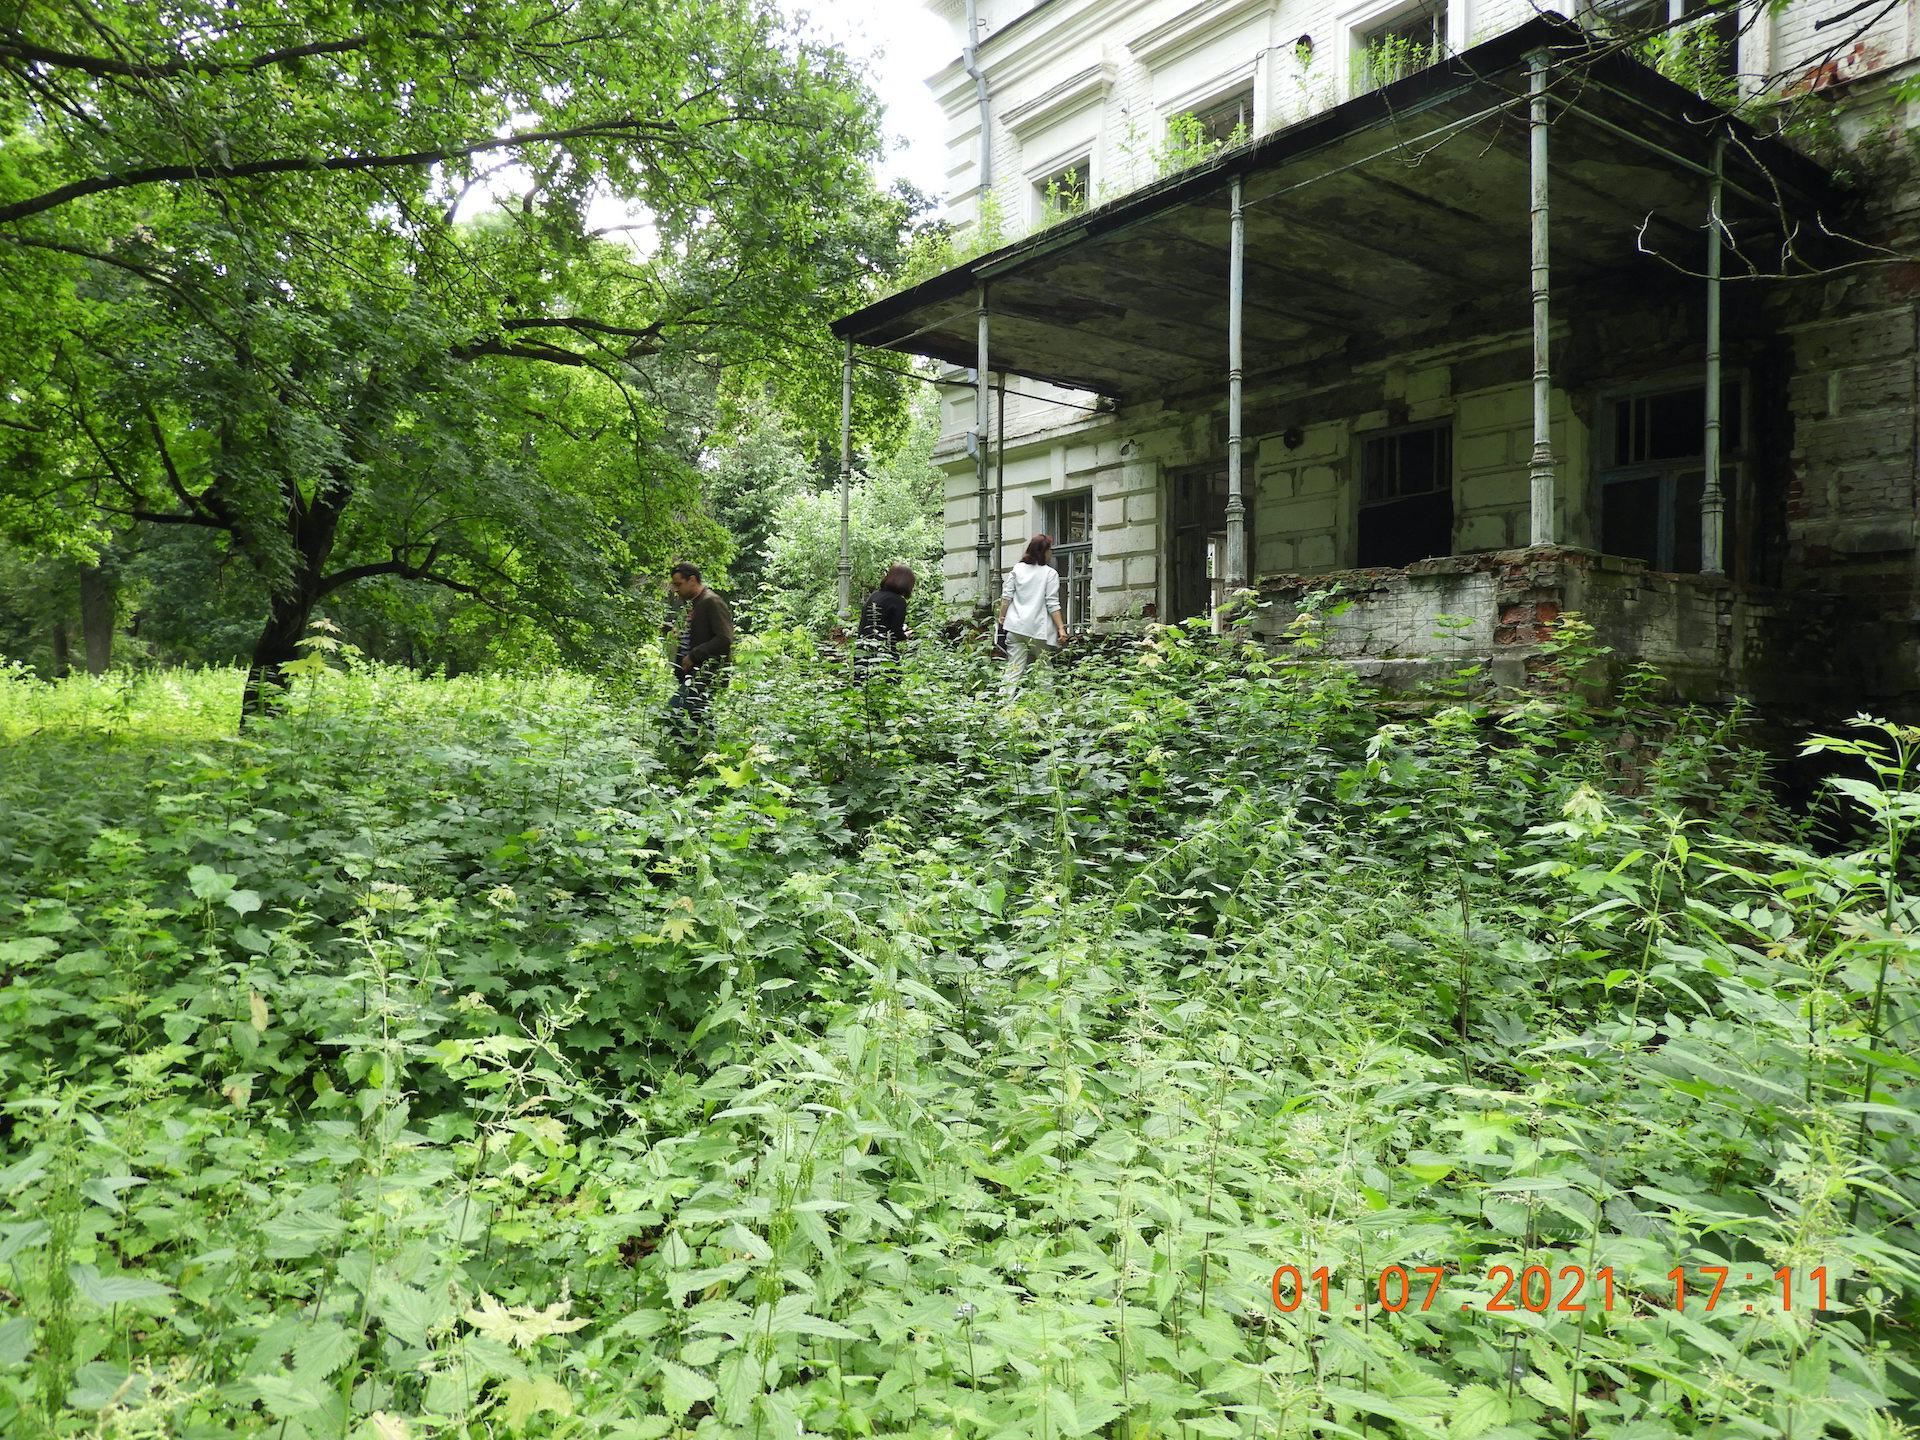 В Тамбовской области отремонтируют усадьбу Воронцова-Дашкова